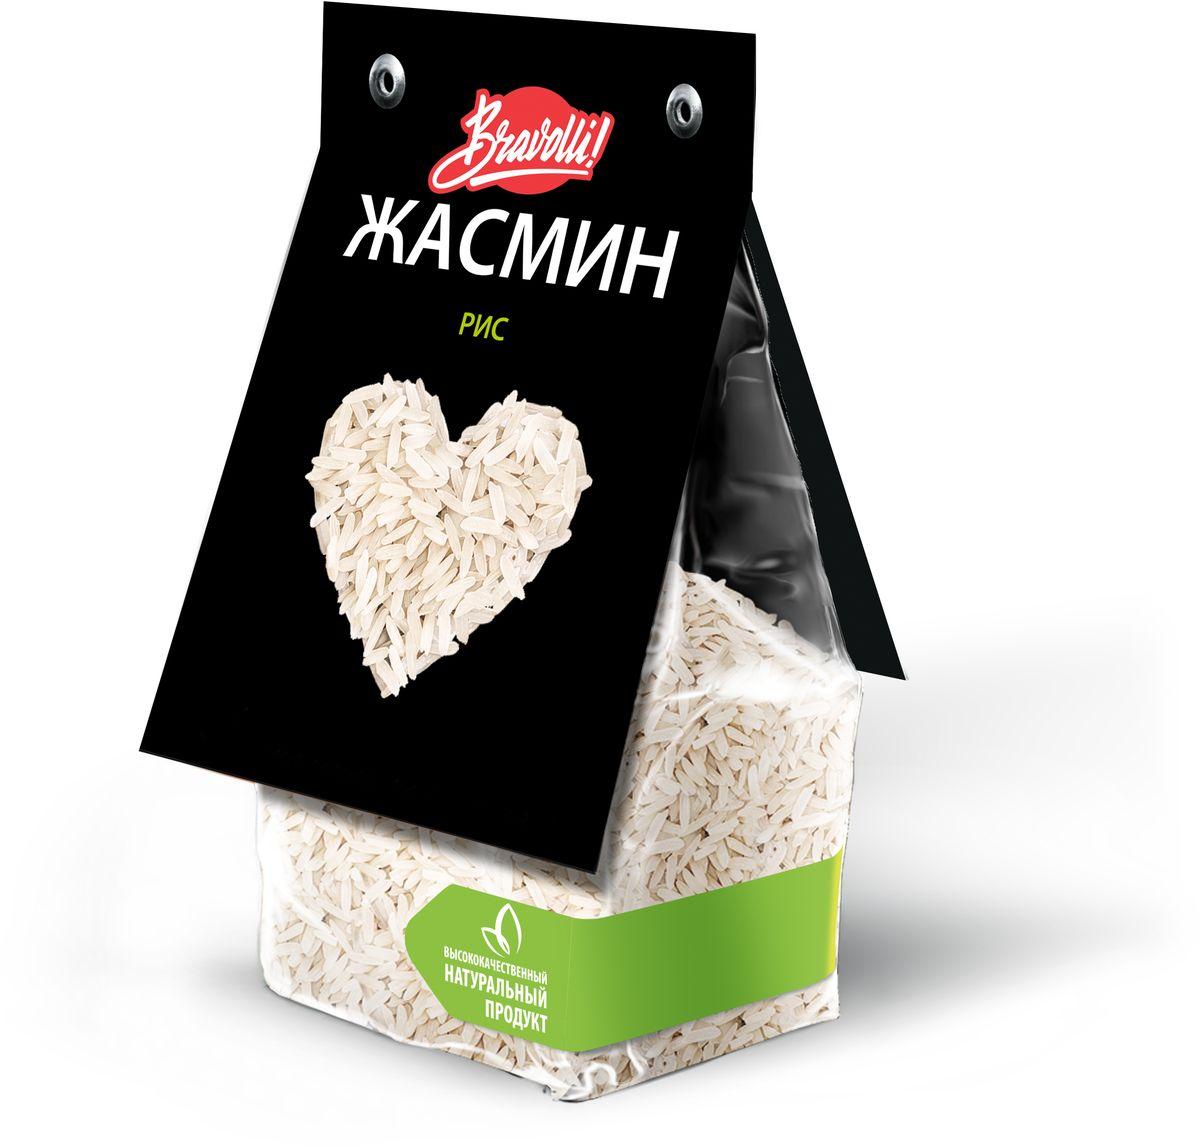 Bravolli Жасмин рис, 350 г мистраль рис жасмин 500 г